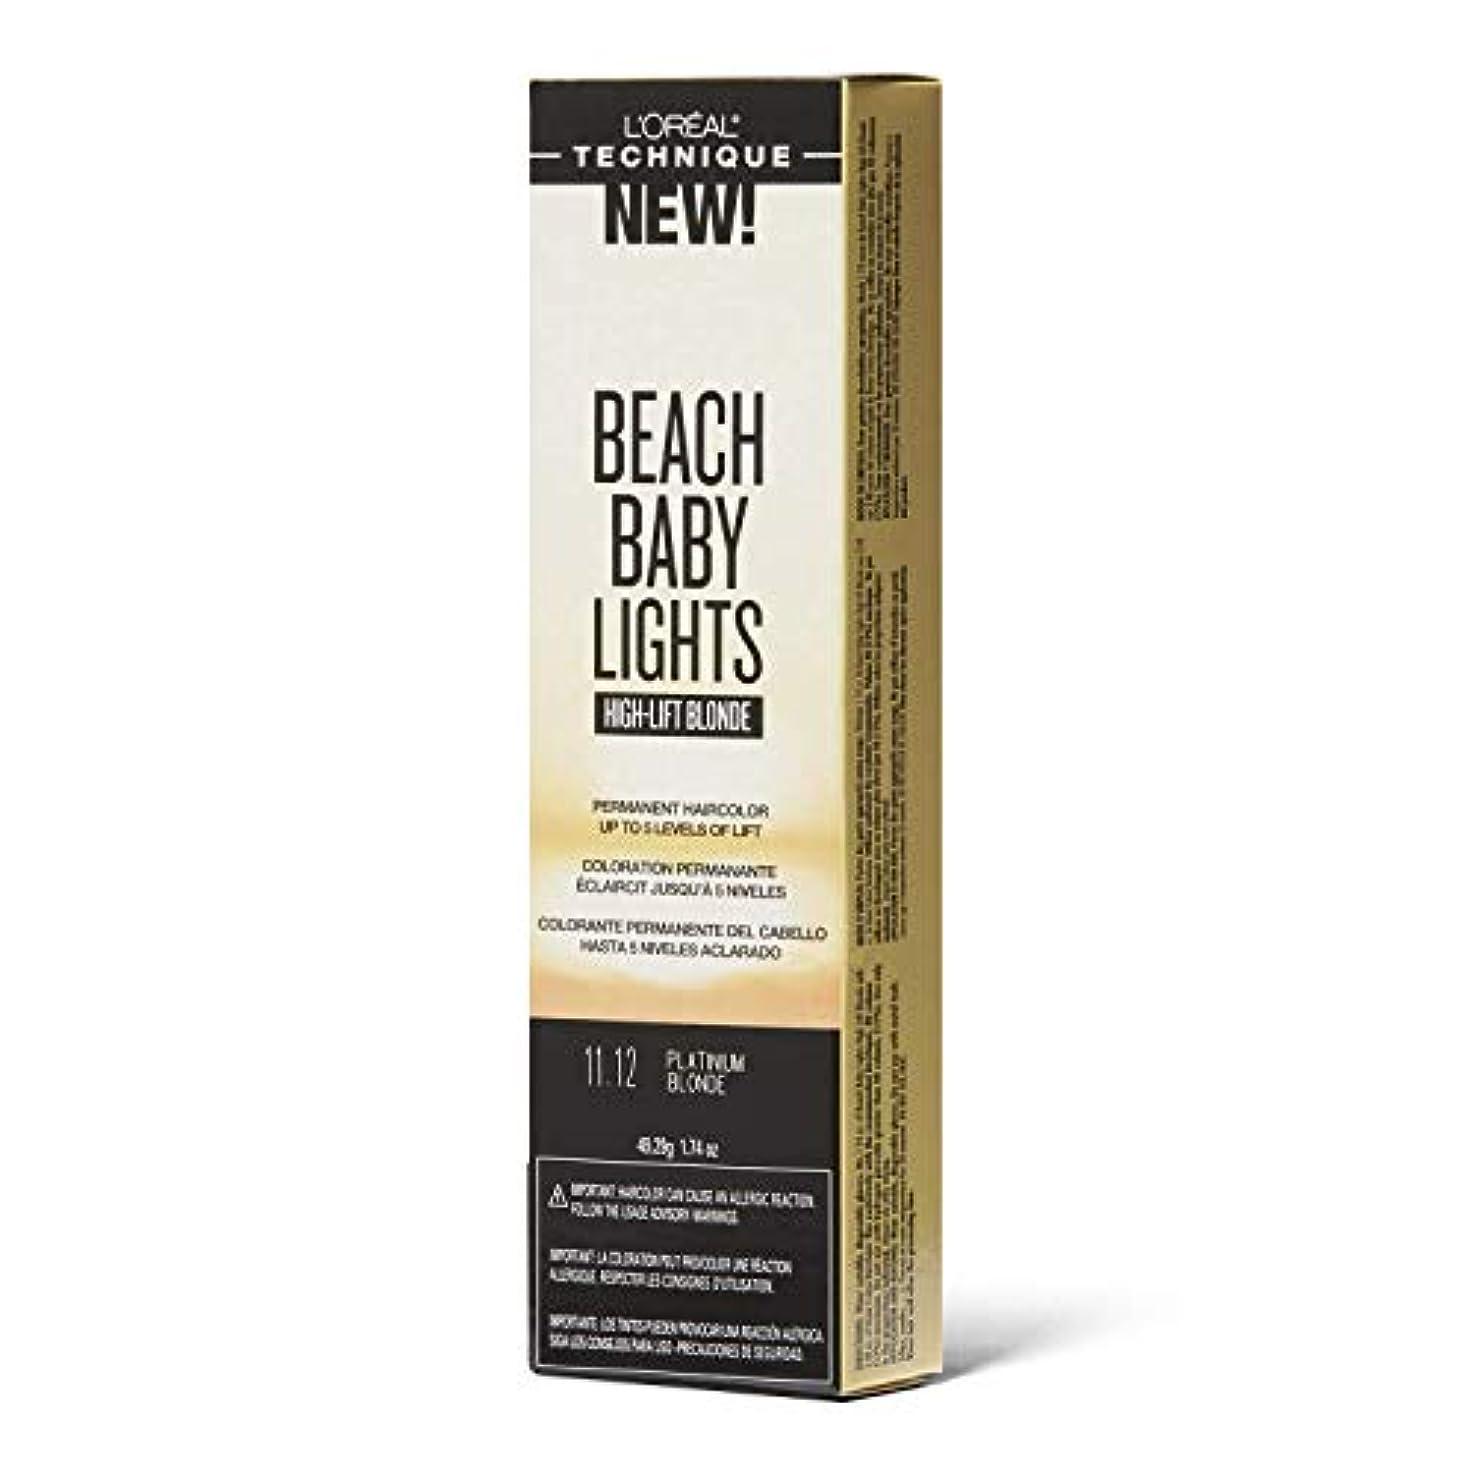 不機嫌強います流出L'Oreal Paris L'Orealのビーチ赤ちゃんライトハイリフトプラチナブロンド11.12プラチナブロンド